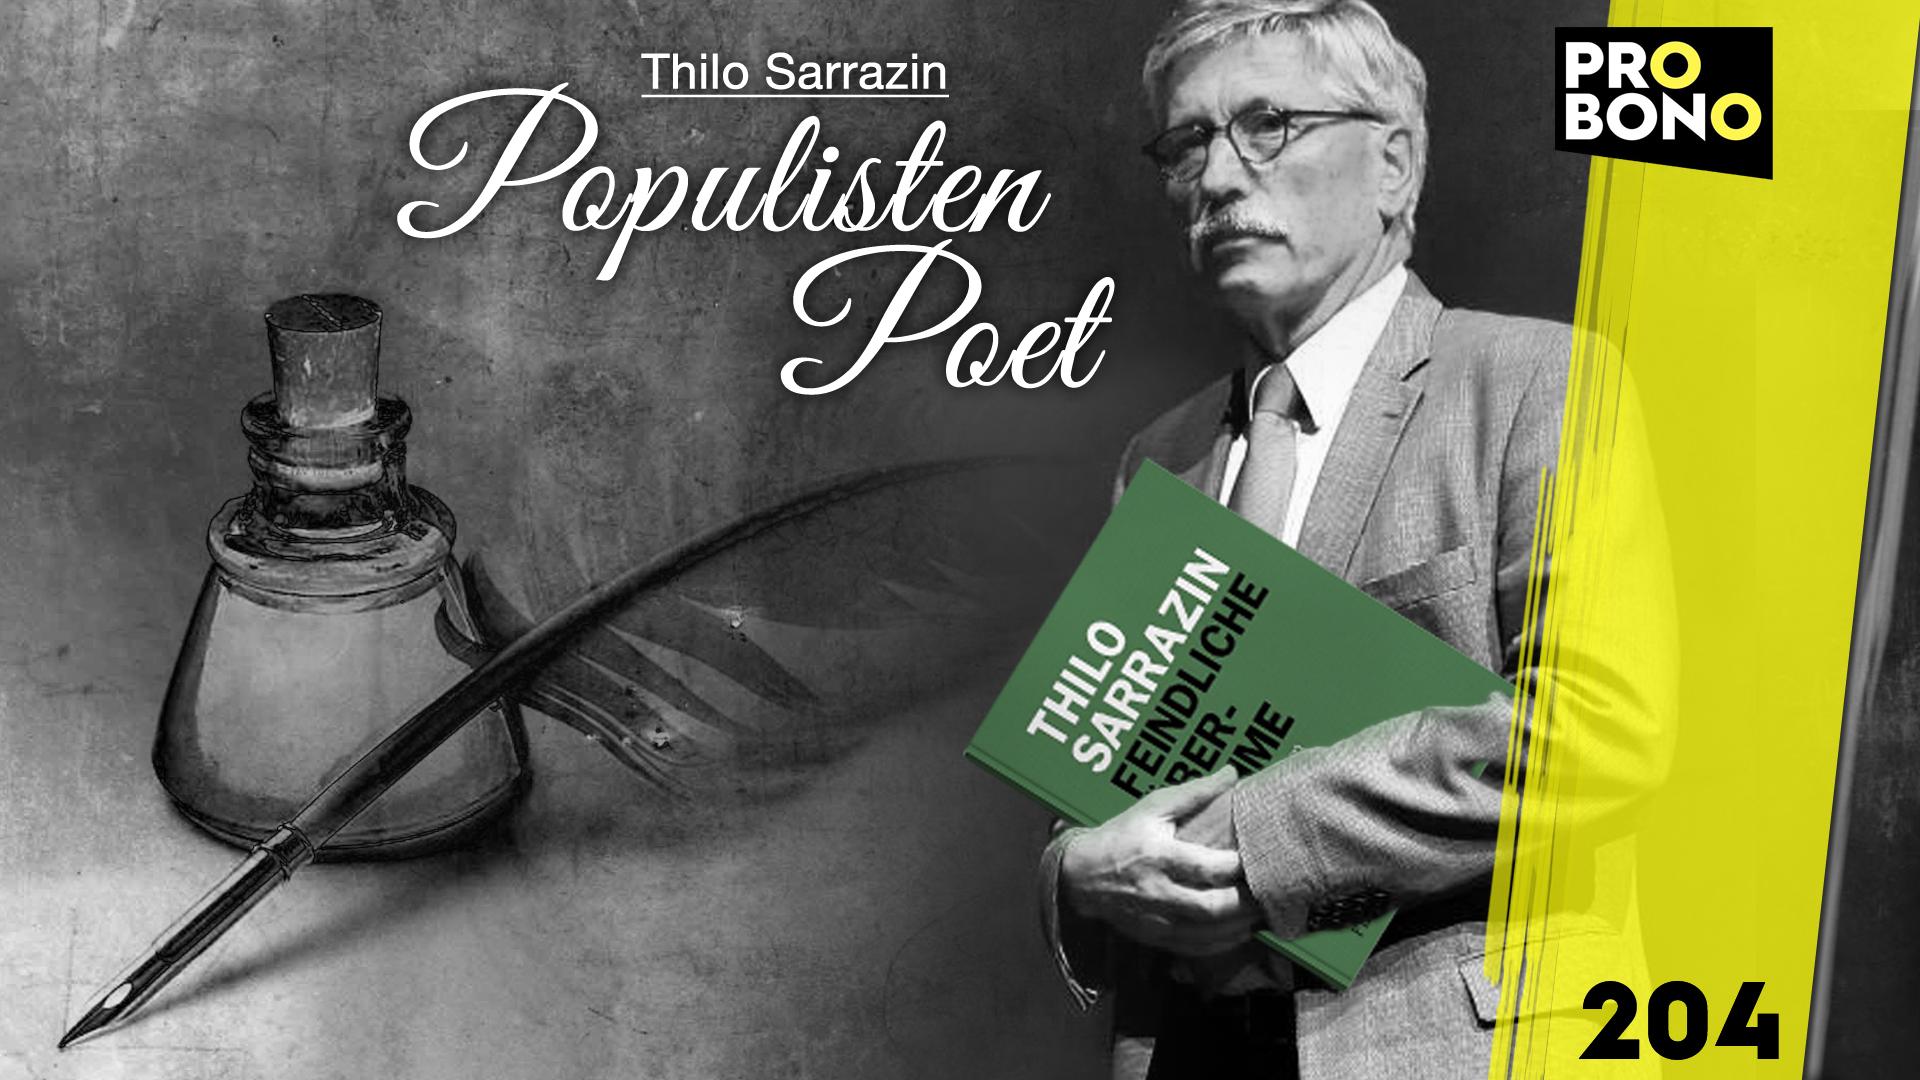 Thilo Sarrazin – Der Populisten-Poet (probono Magazin)